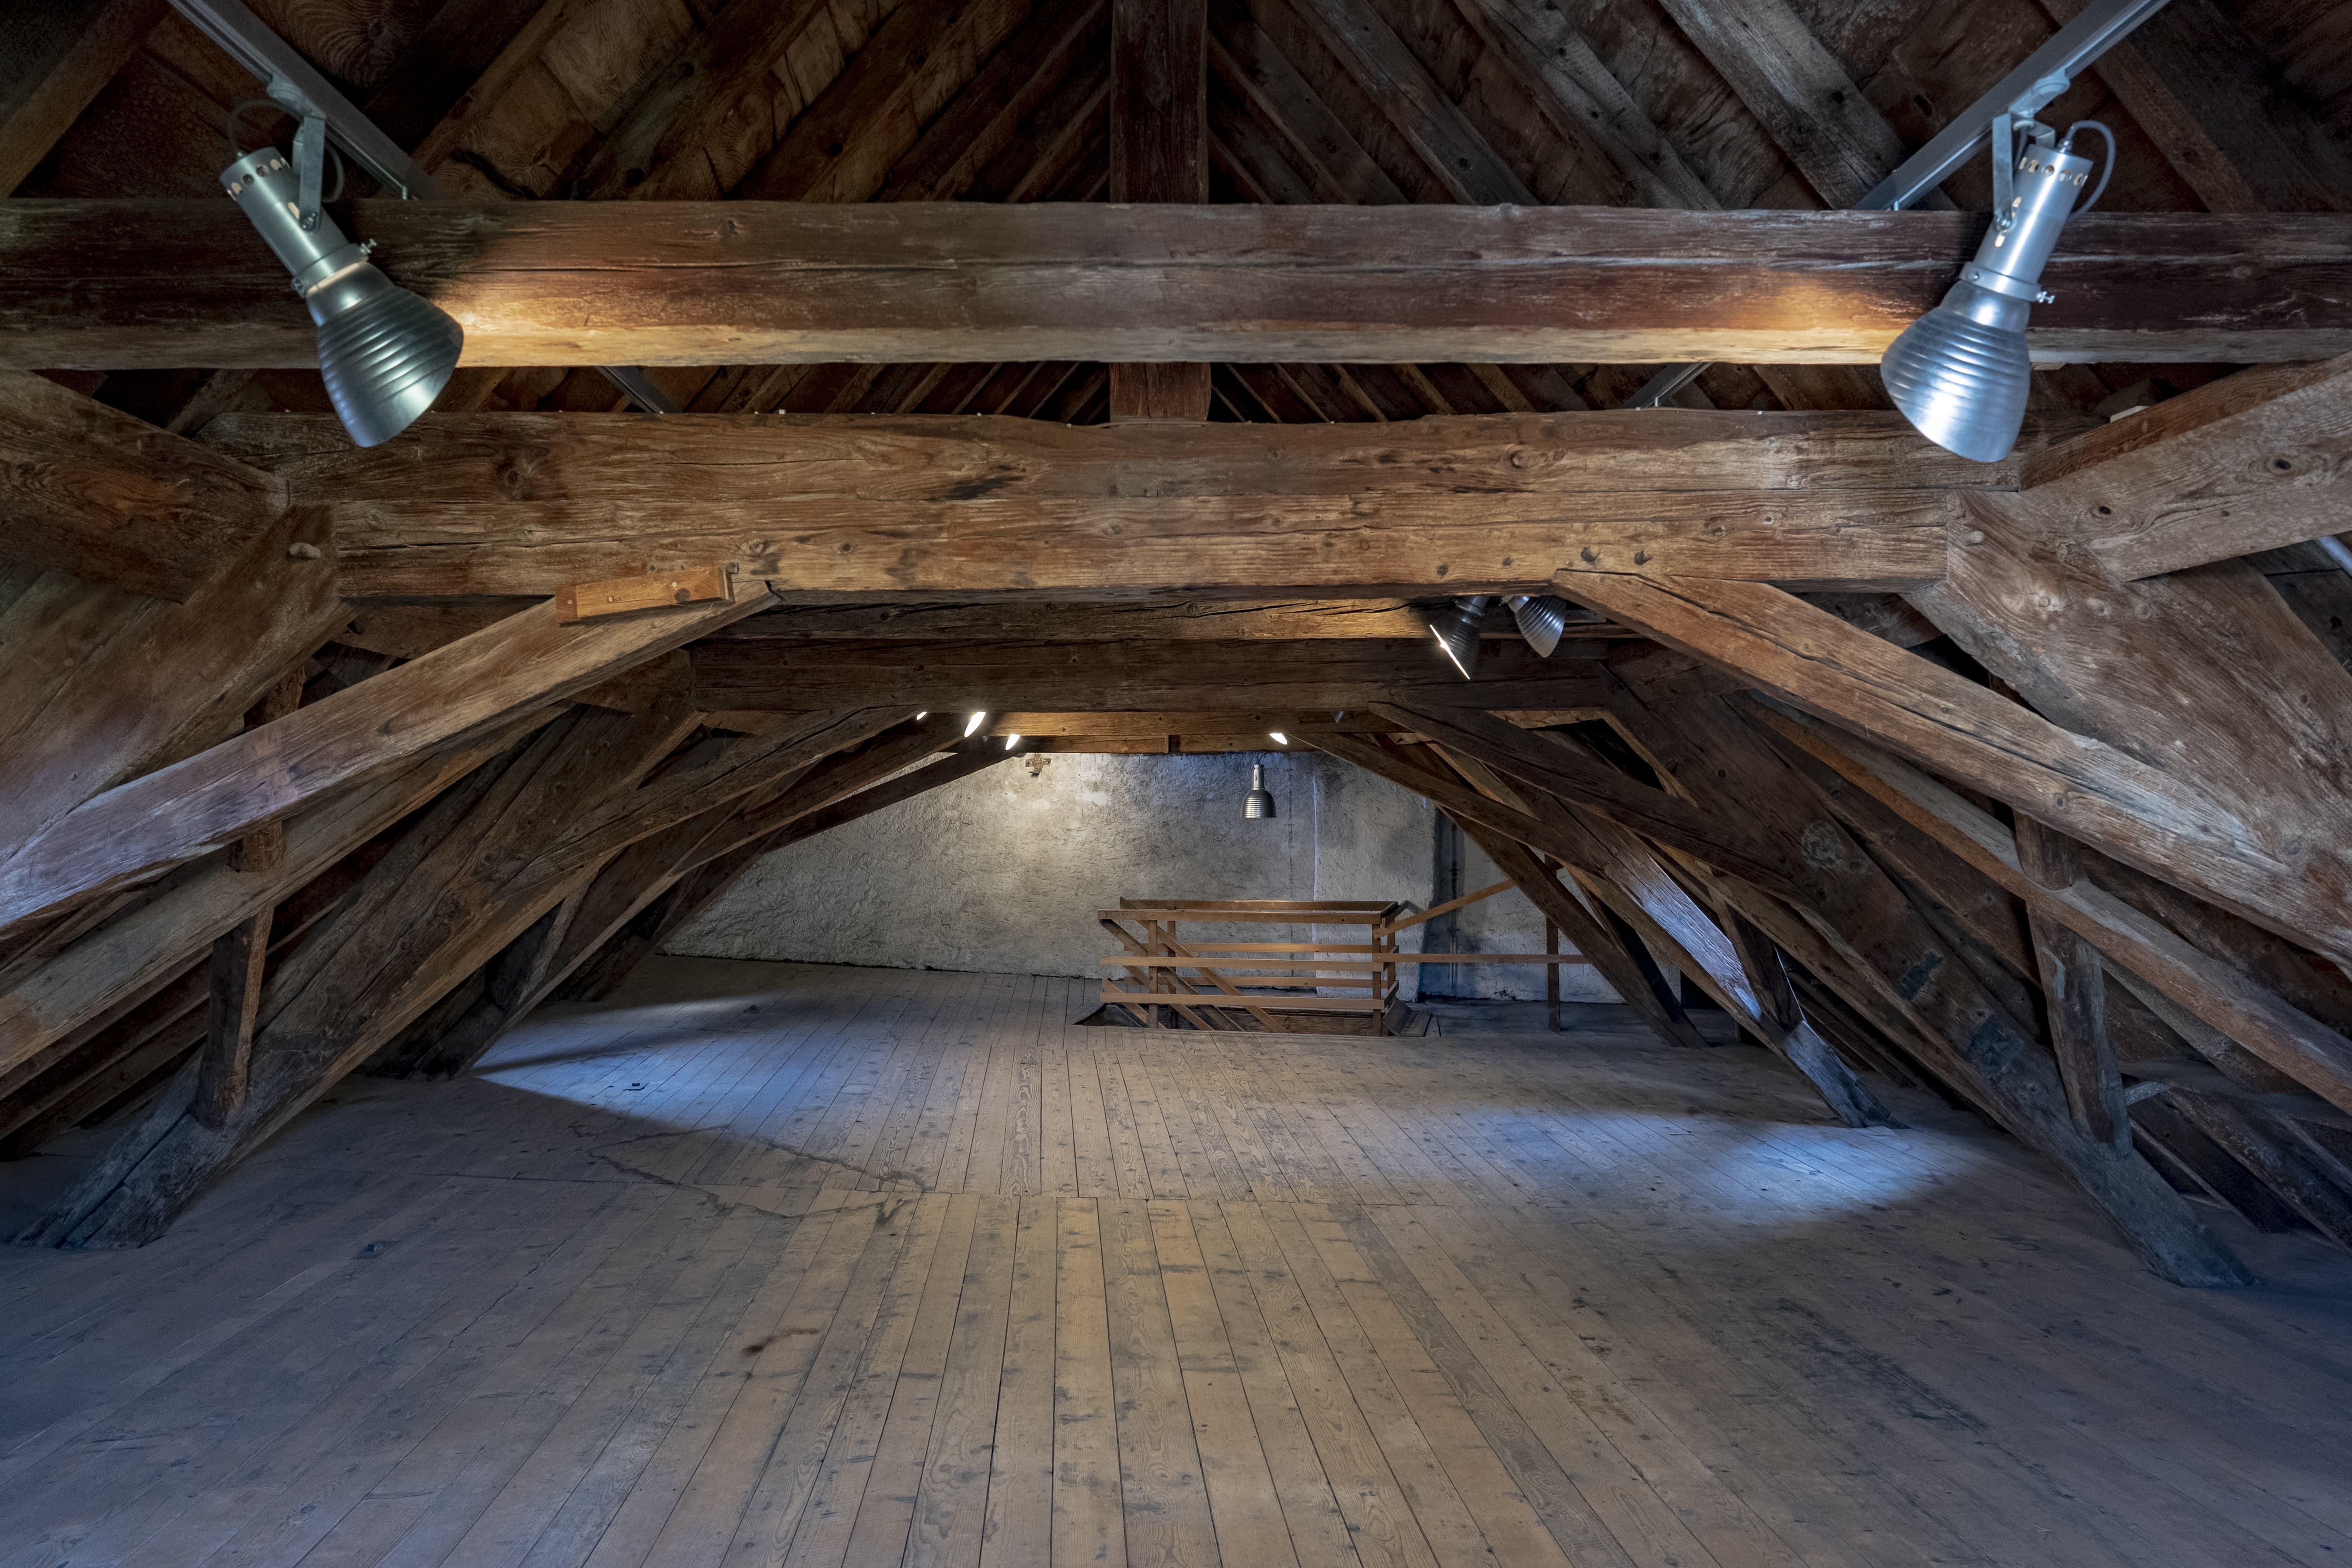 Ein Dachstock aus Holz mit Lampen an der Decke.